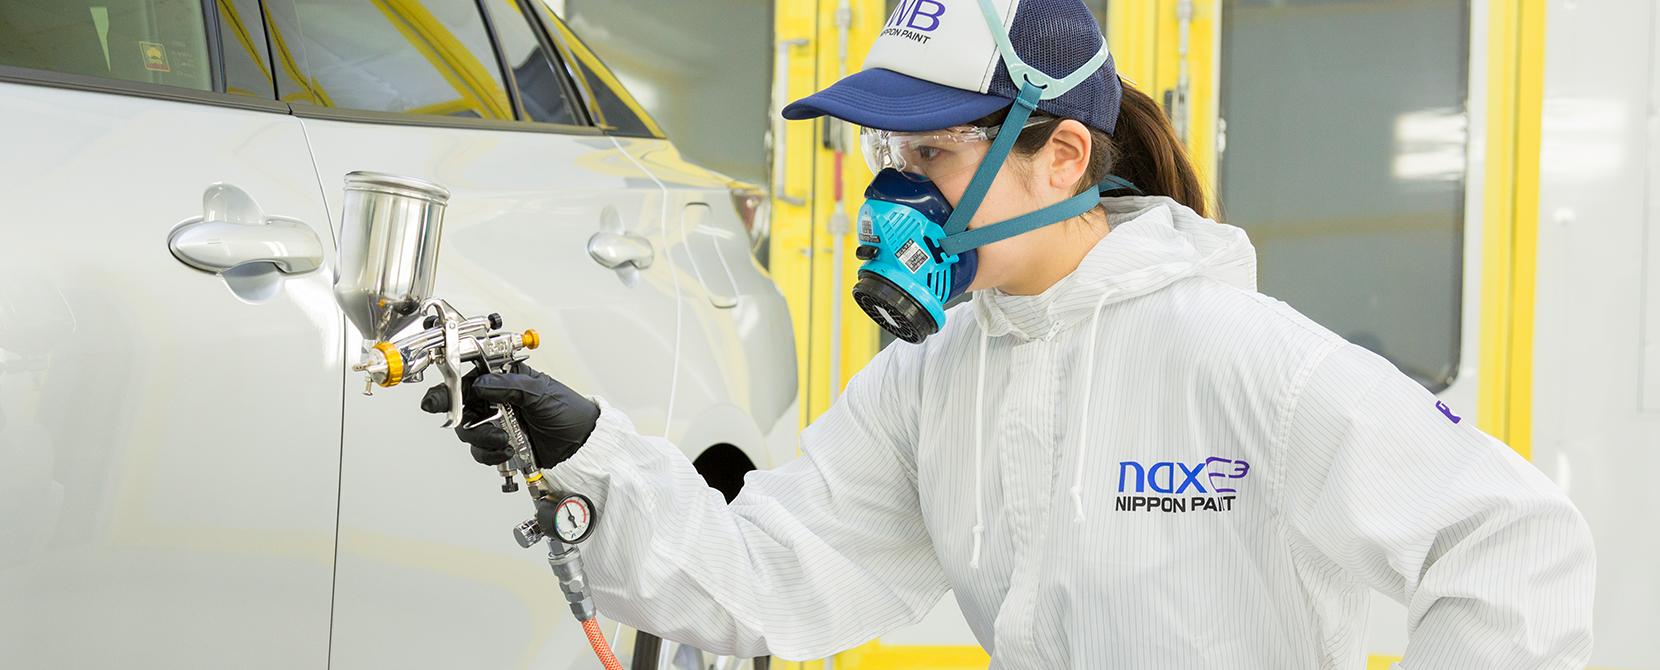 塗装時間短縮を可能にする水性塗料用粘性制御技術